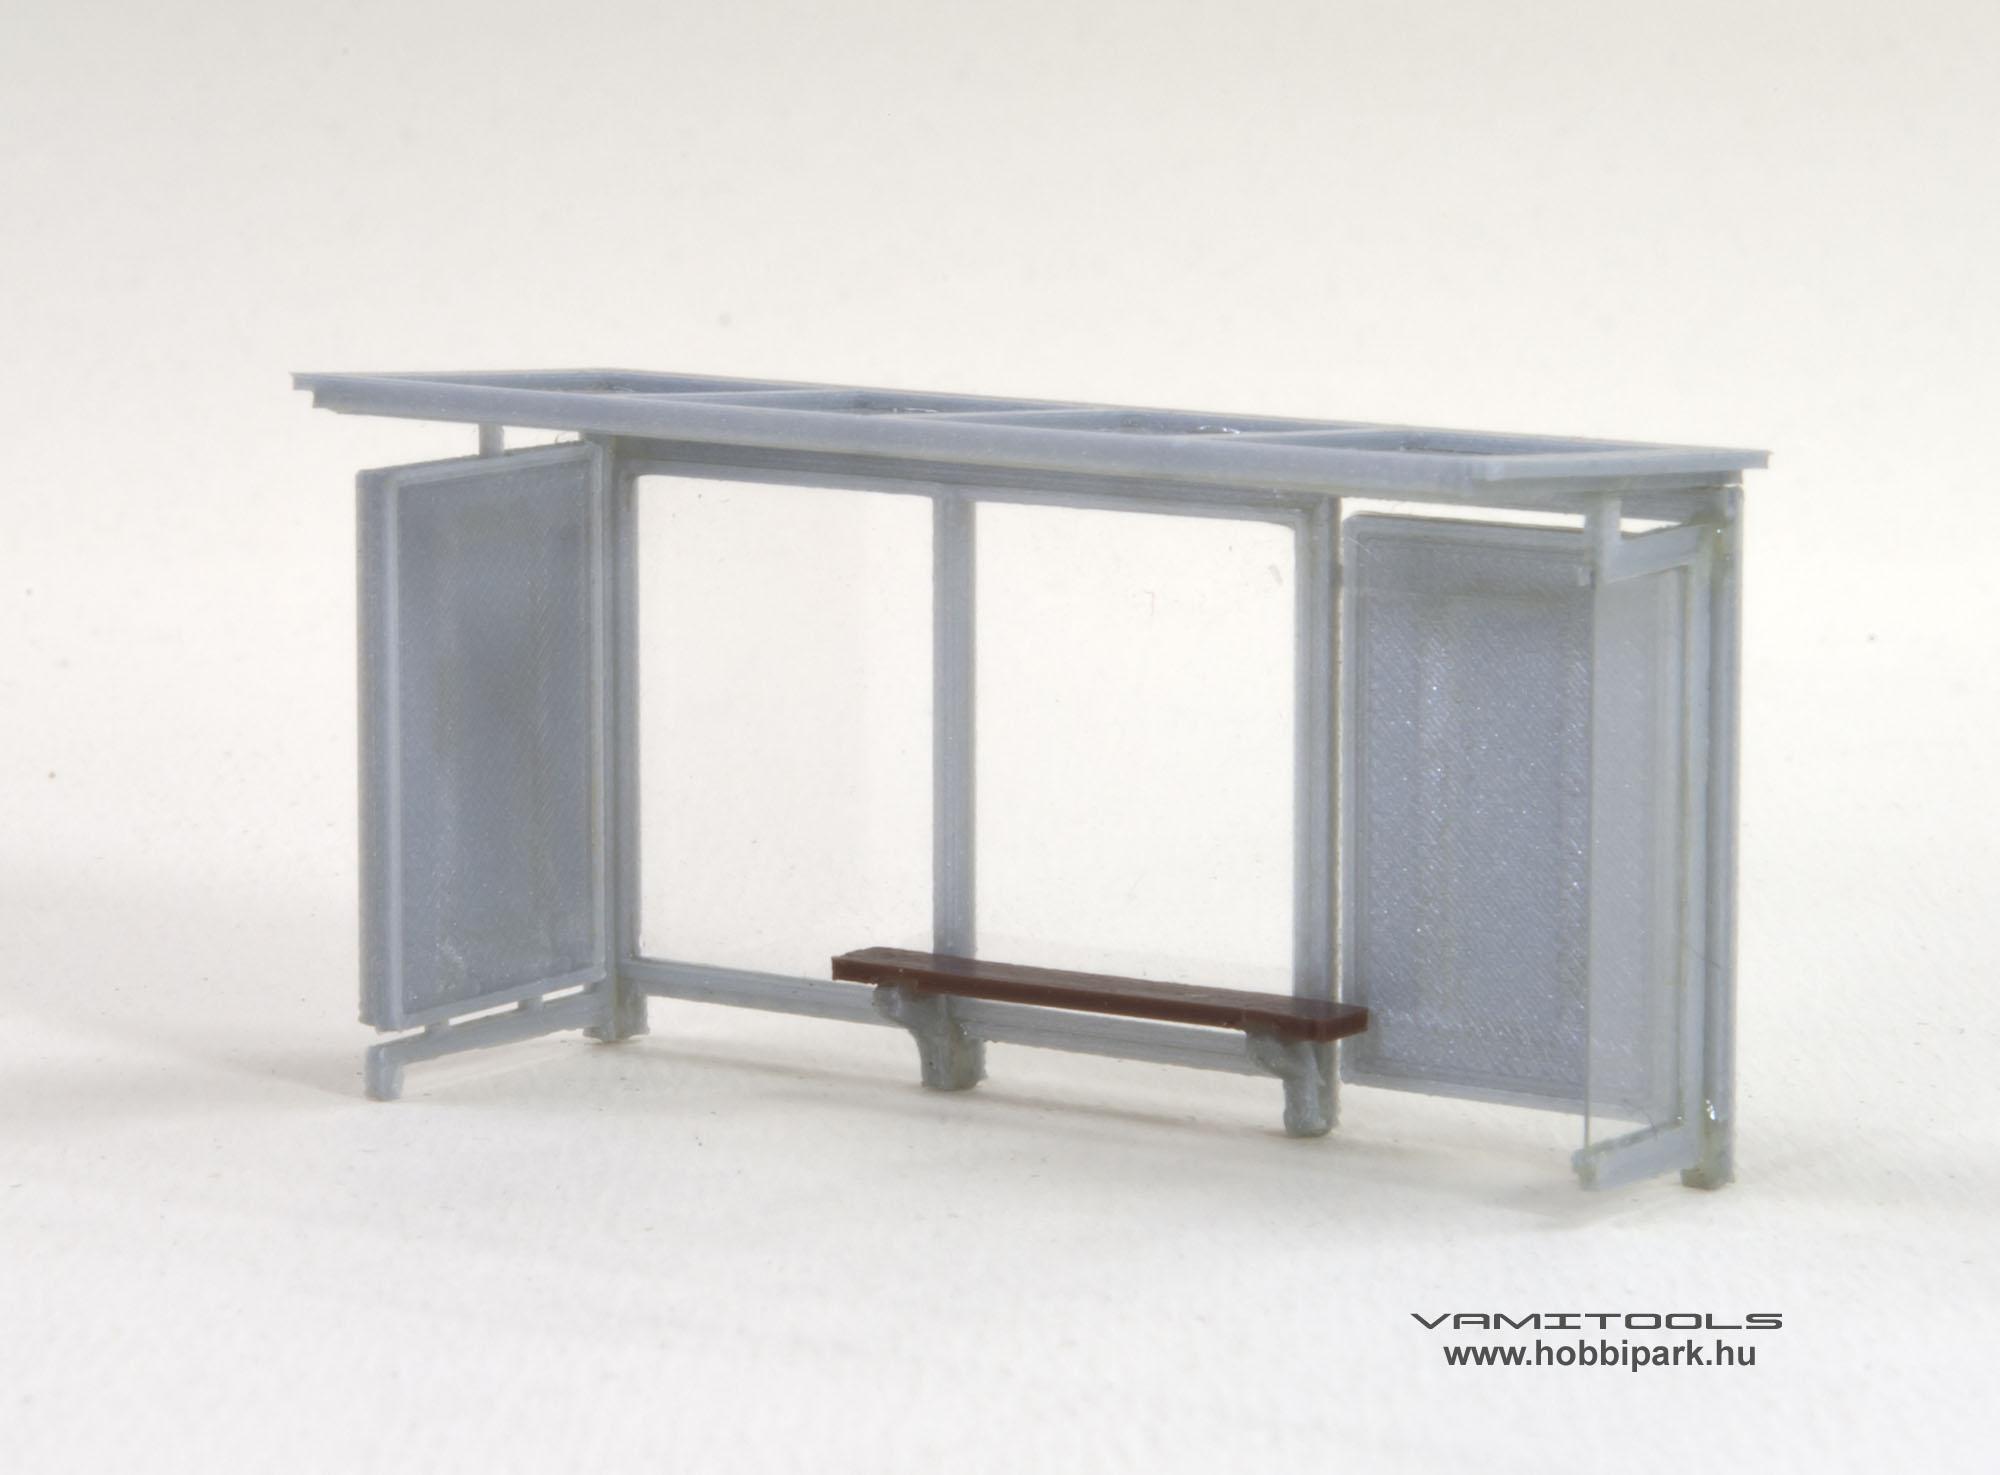 1:87, 1:120, H0, TT, modell, buszmegálló, beálló, buszöböl, váró, váróterem, vasútmodell, dioráma, terepasztal